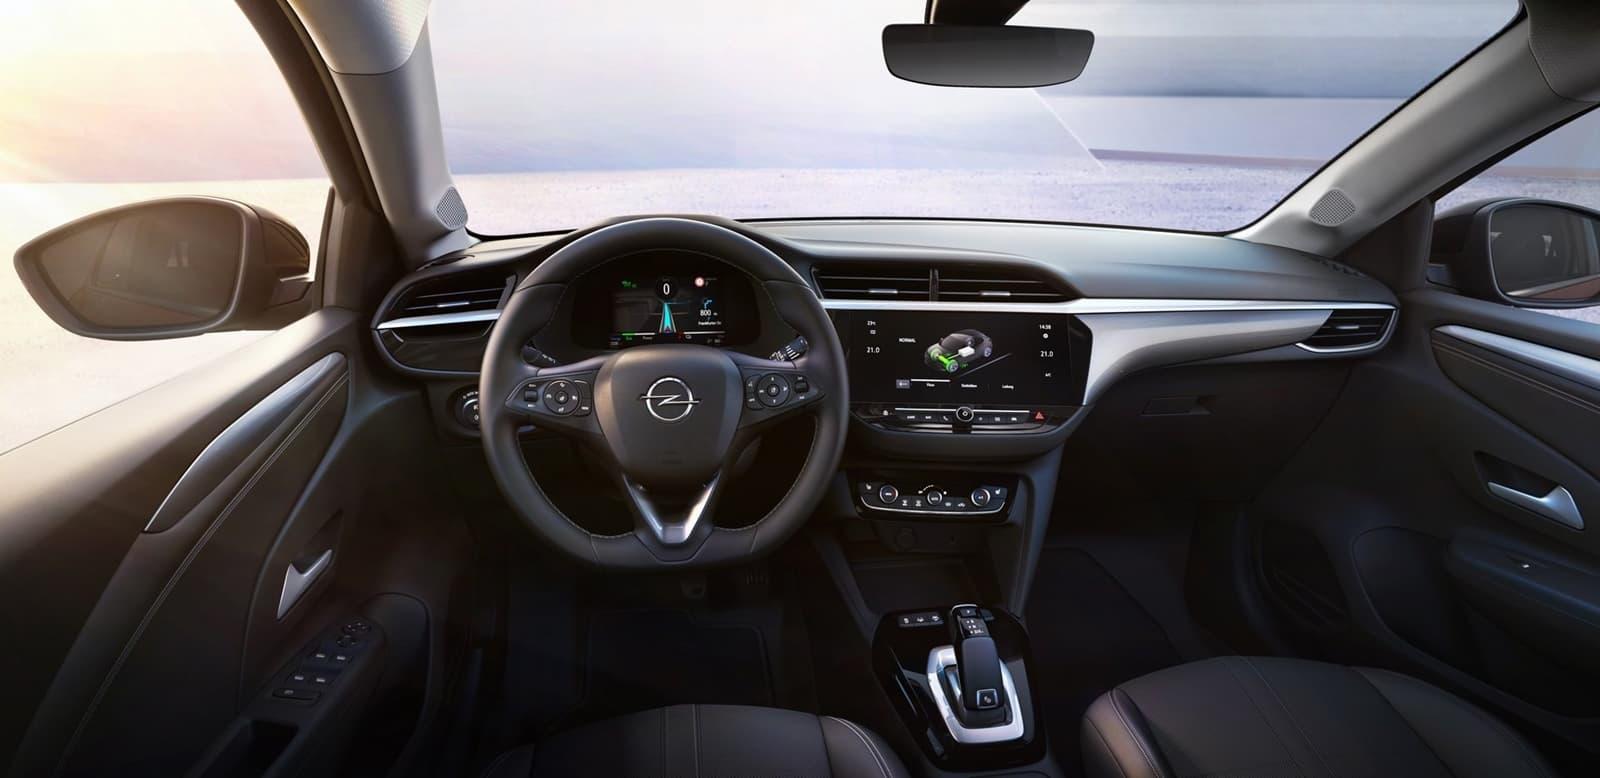 Opel Corsa E 0519 009